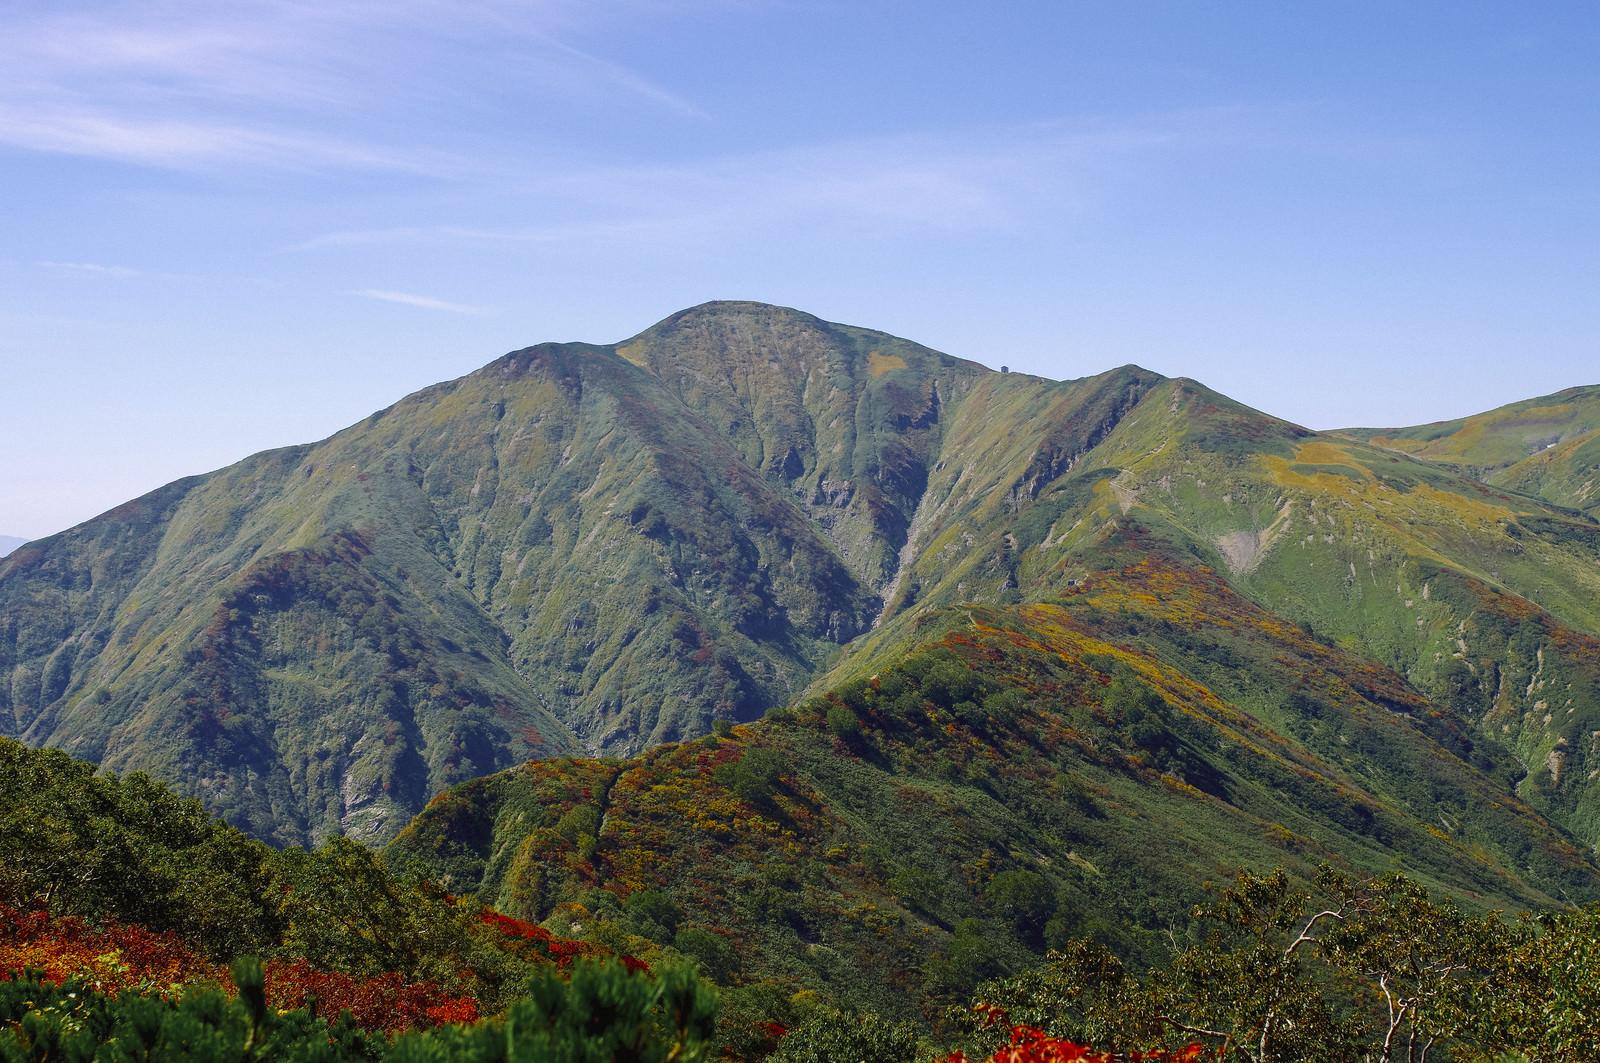 「気持ちのいい稜線が続く大朝日岳(おおあさひだけ)」の写真